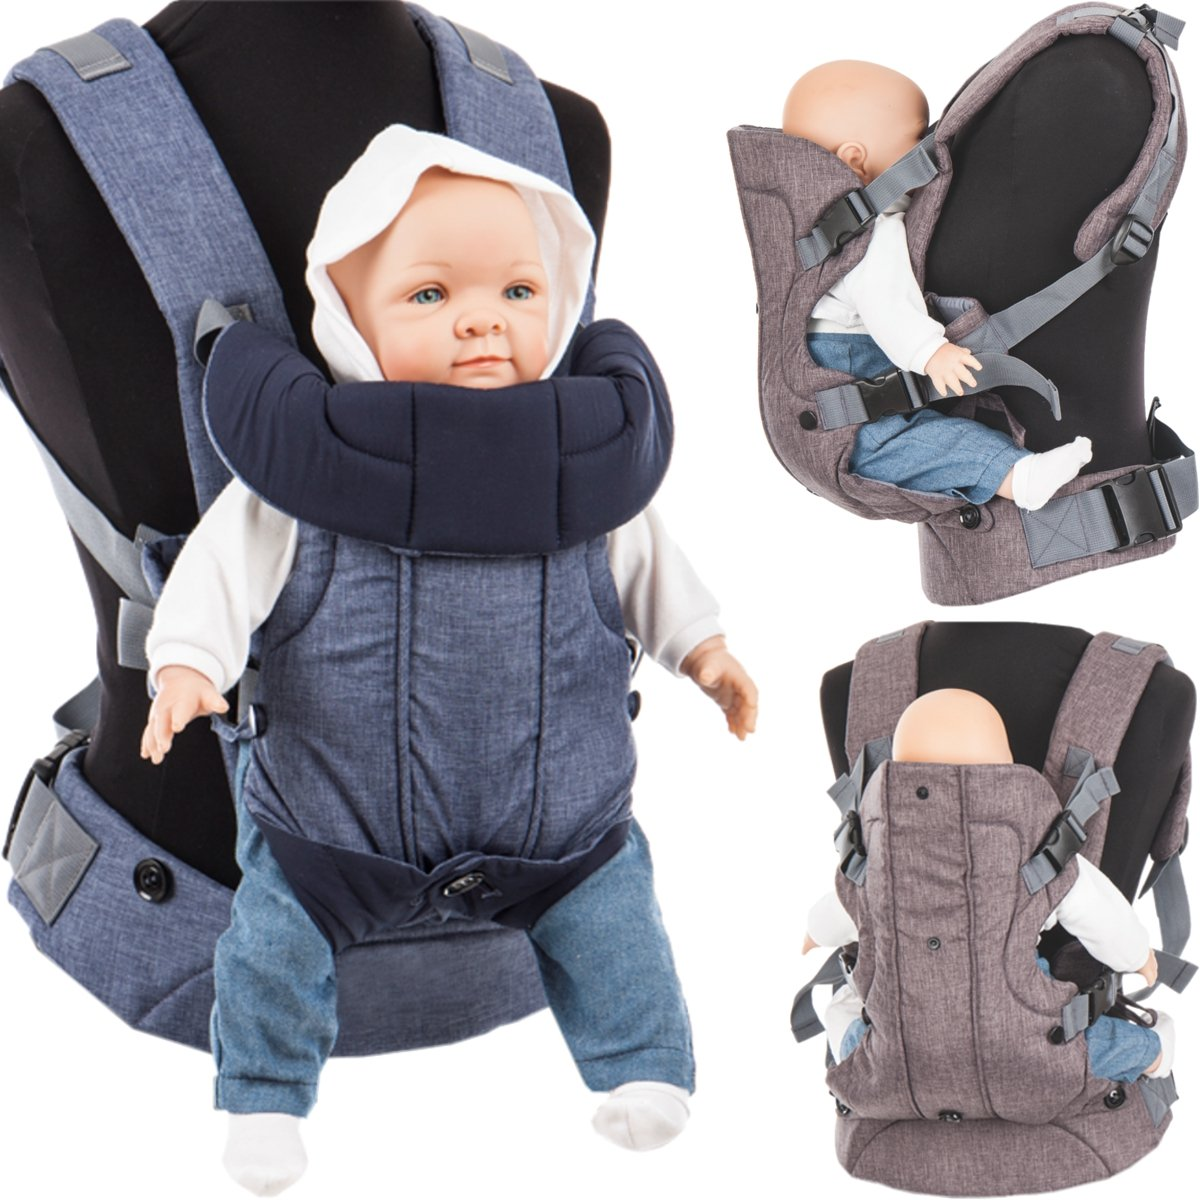 3 in 1 Baby Bauchtrage/Rückentrage (Stark gepolsterter Schultergurt) Füllung: (100% BAUMWOLLE) (MINT) Stimo24